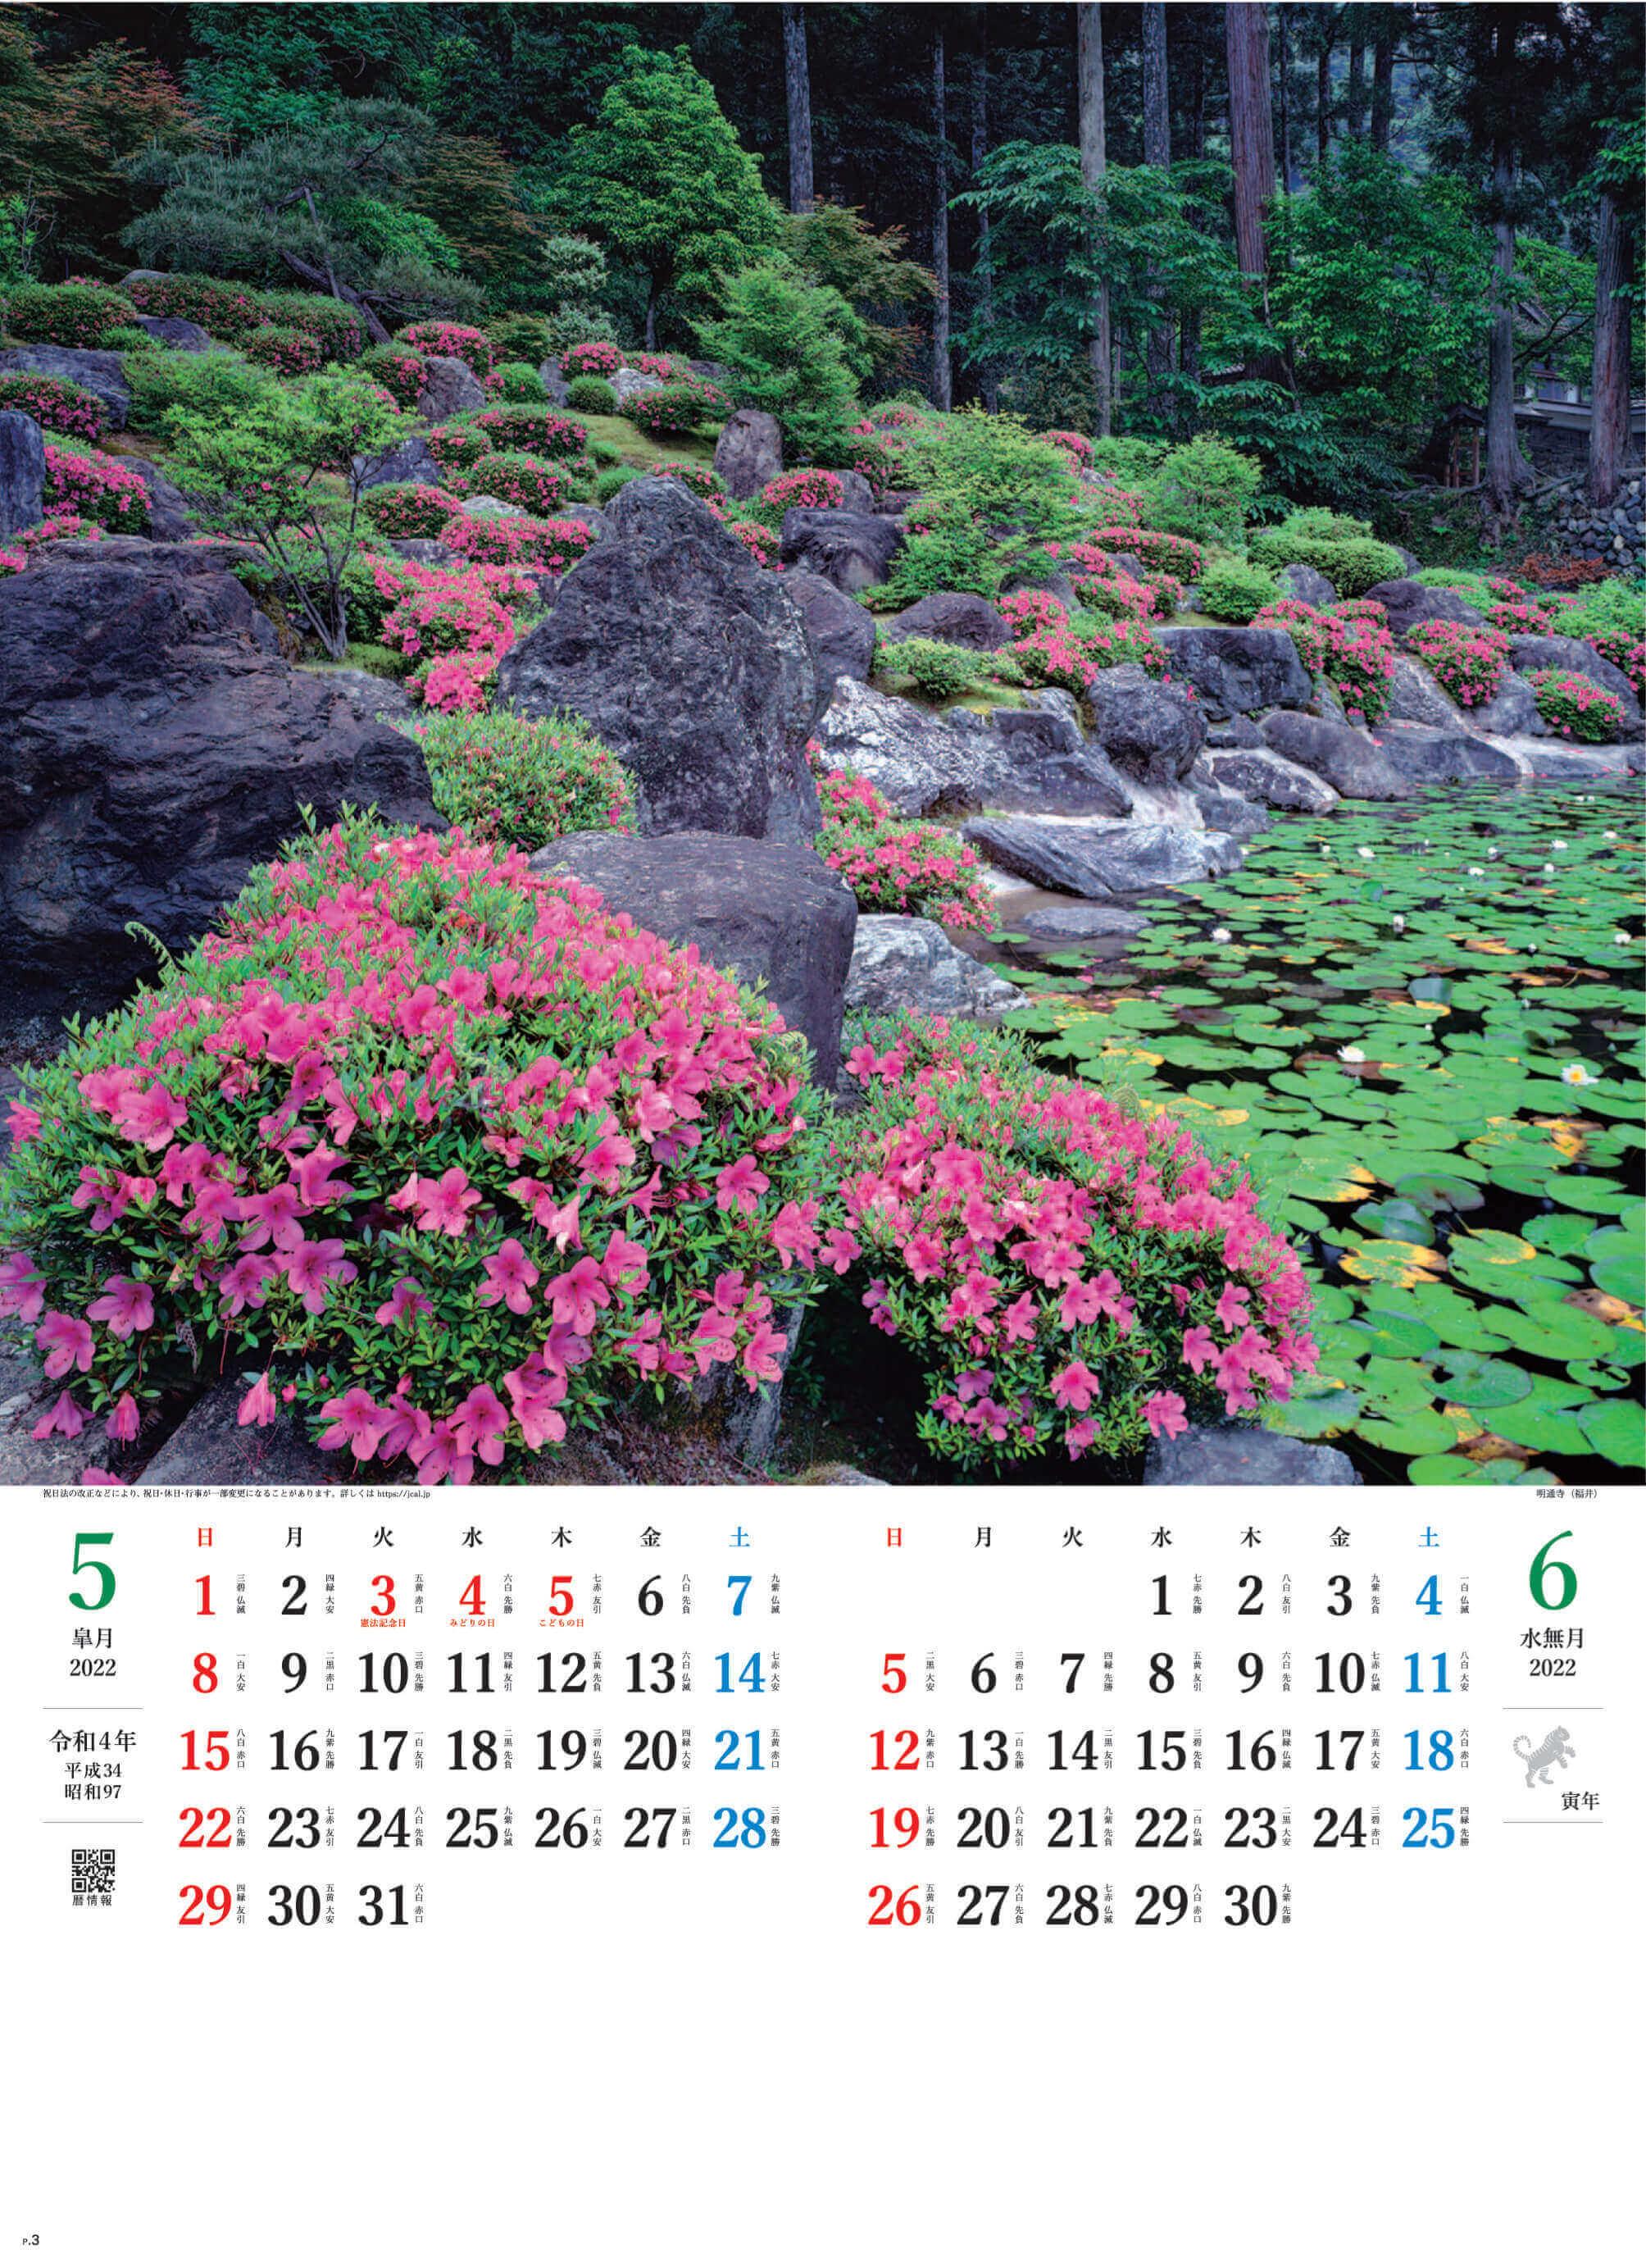 5-6月 明通寺(福井) 庭の心 2022年カレンダーの画像